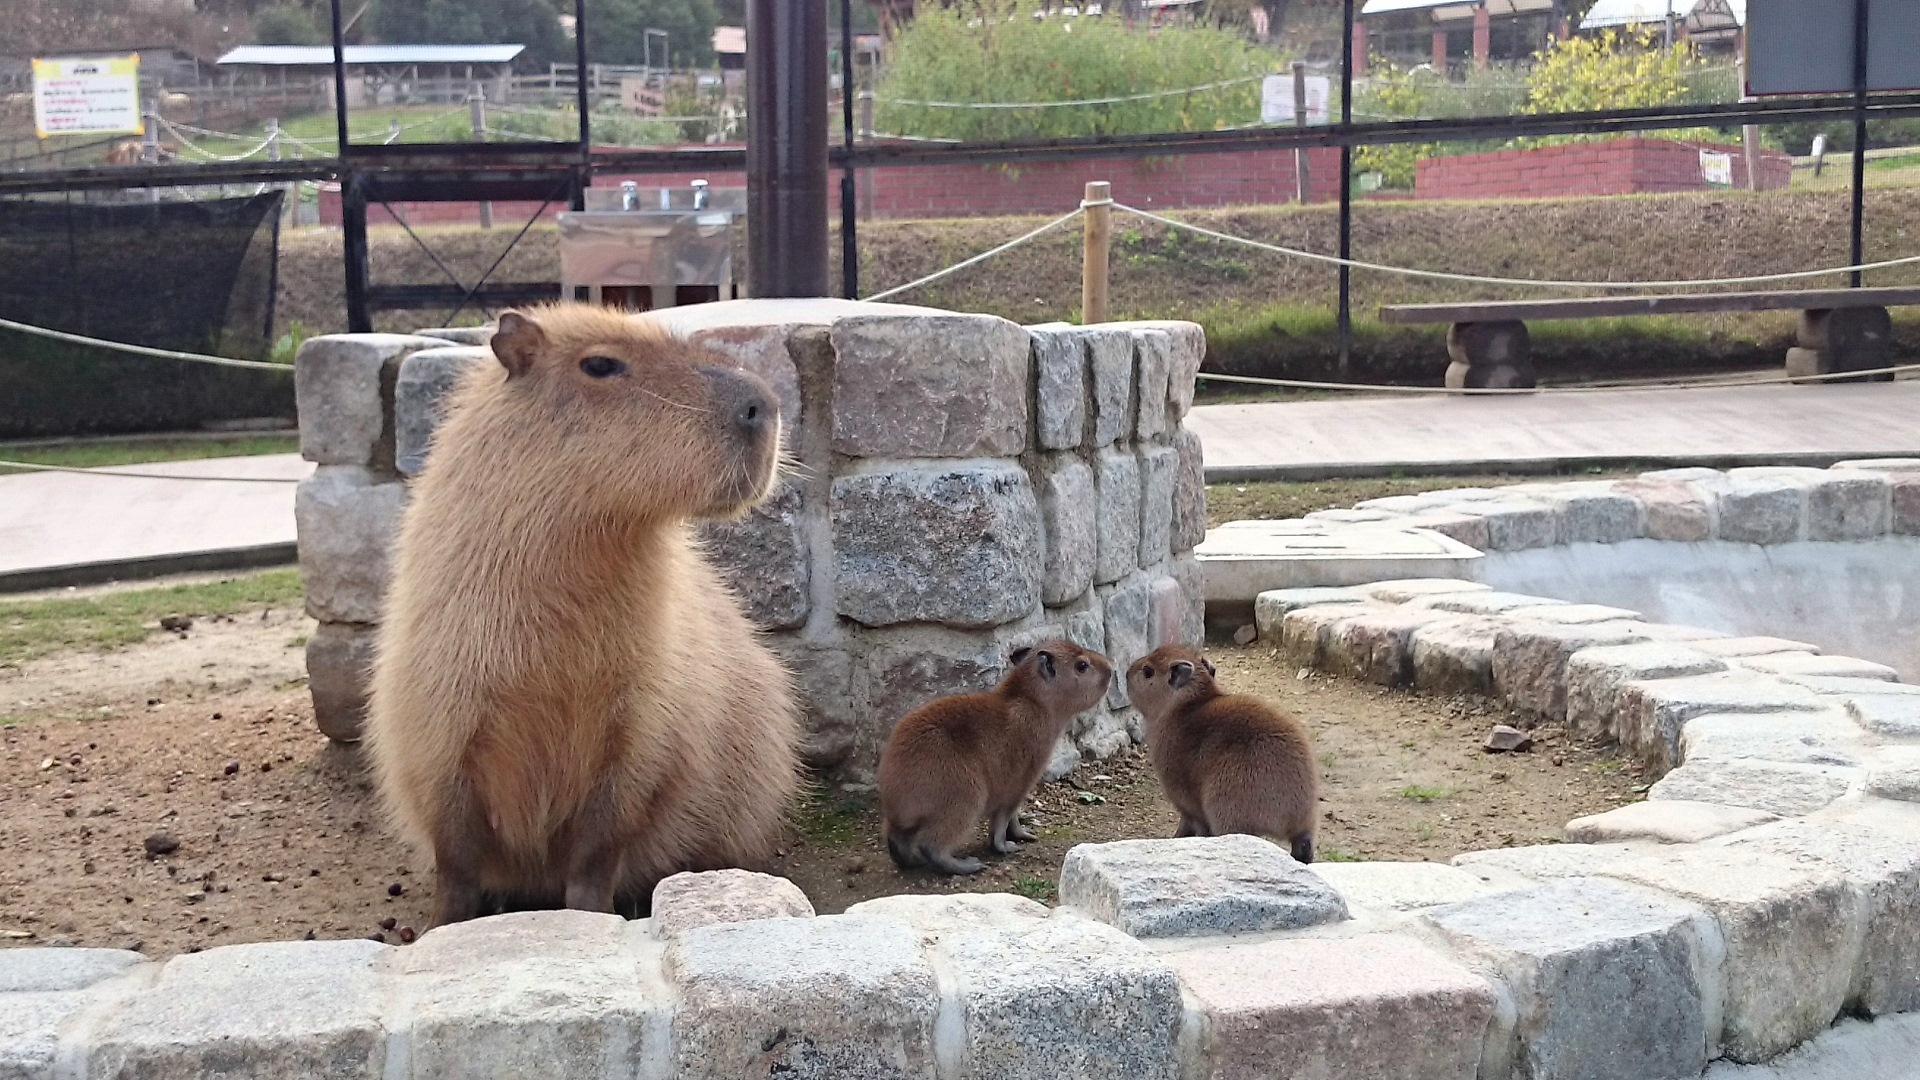 カピバラが2匹の赤ちゃんを出産 カピバラ親子の仲睦まじい姿を11月